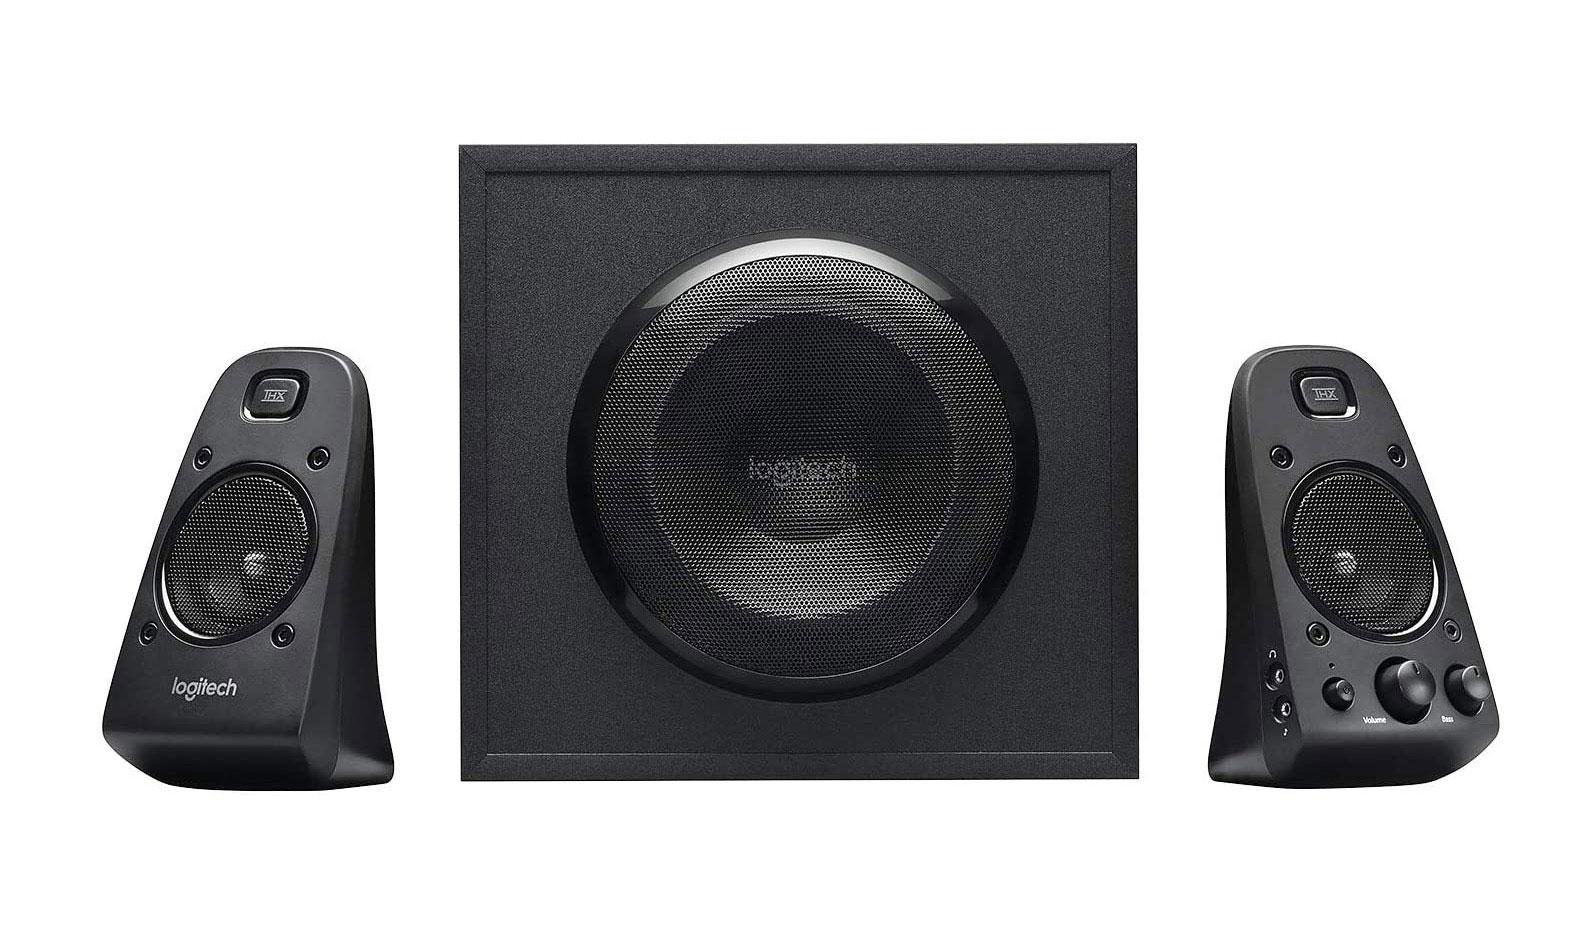 Le Logitech Z623, un système son qui fait du bruit